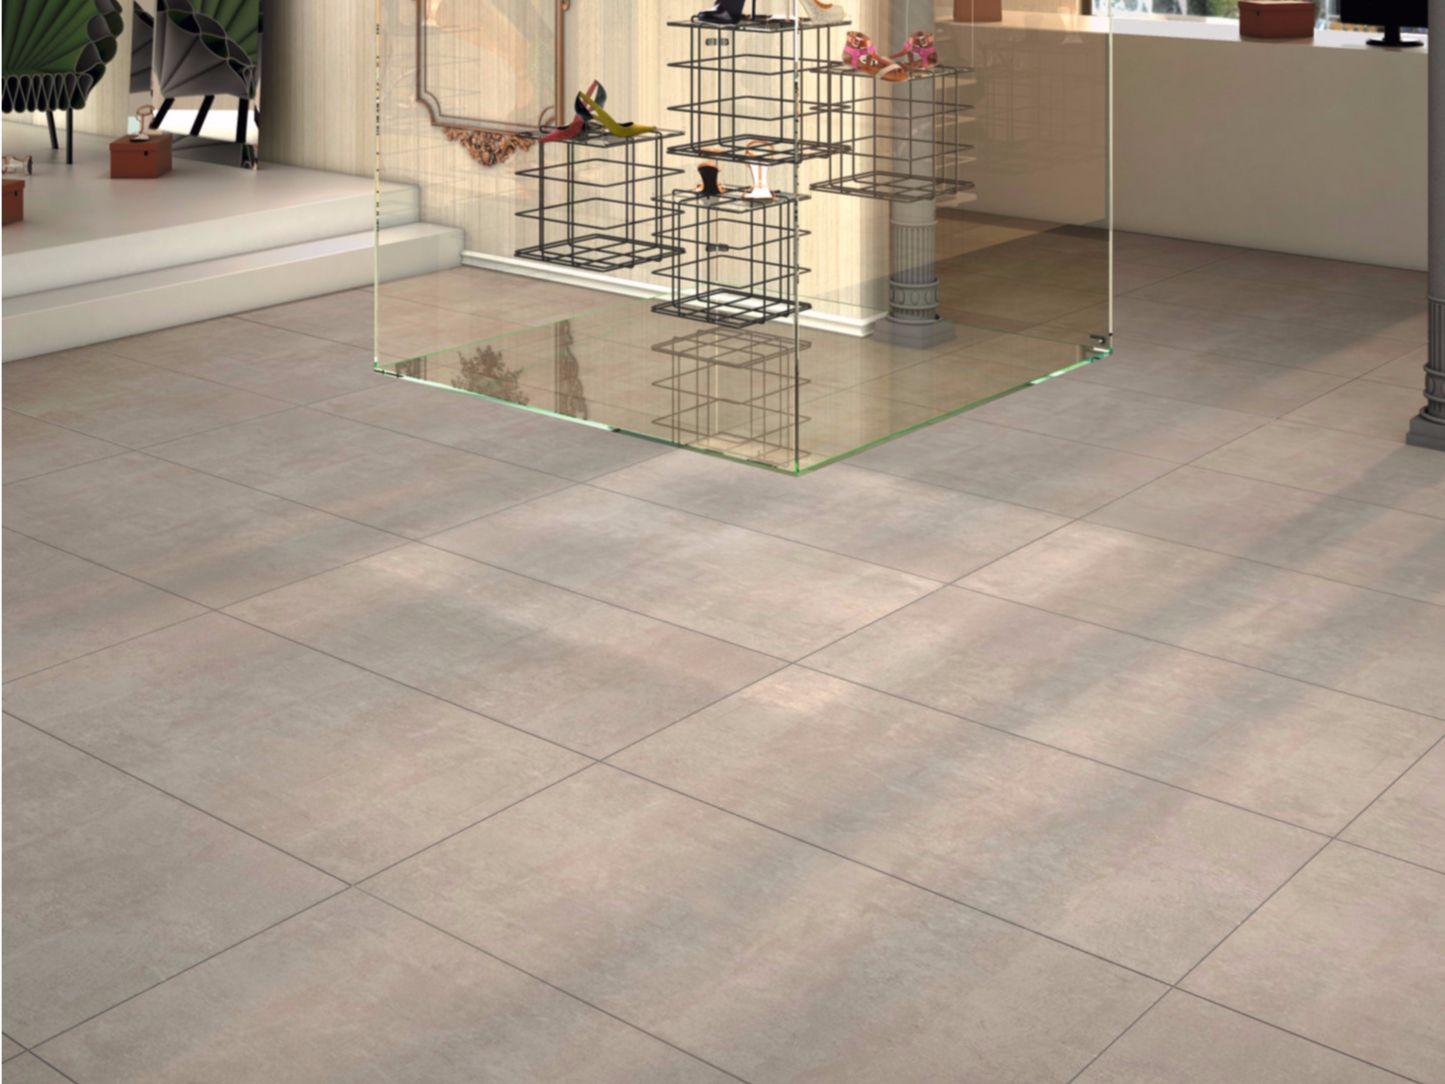 Way pavimento by recer - Pavimento gres porcelanico ...